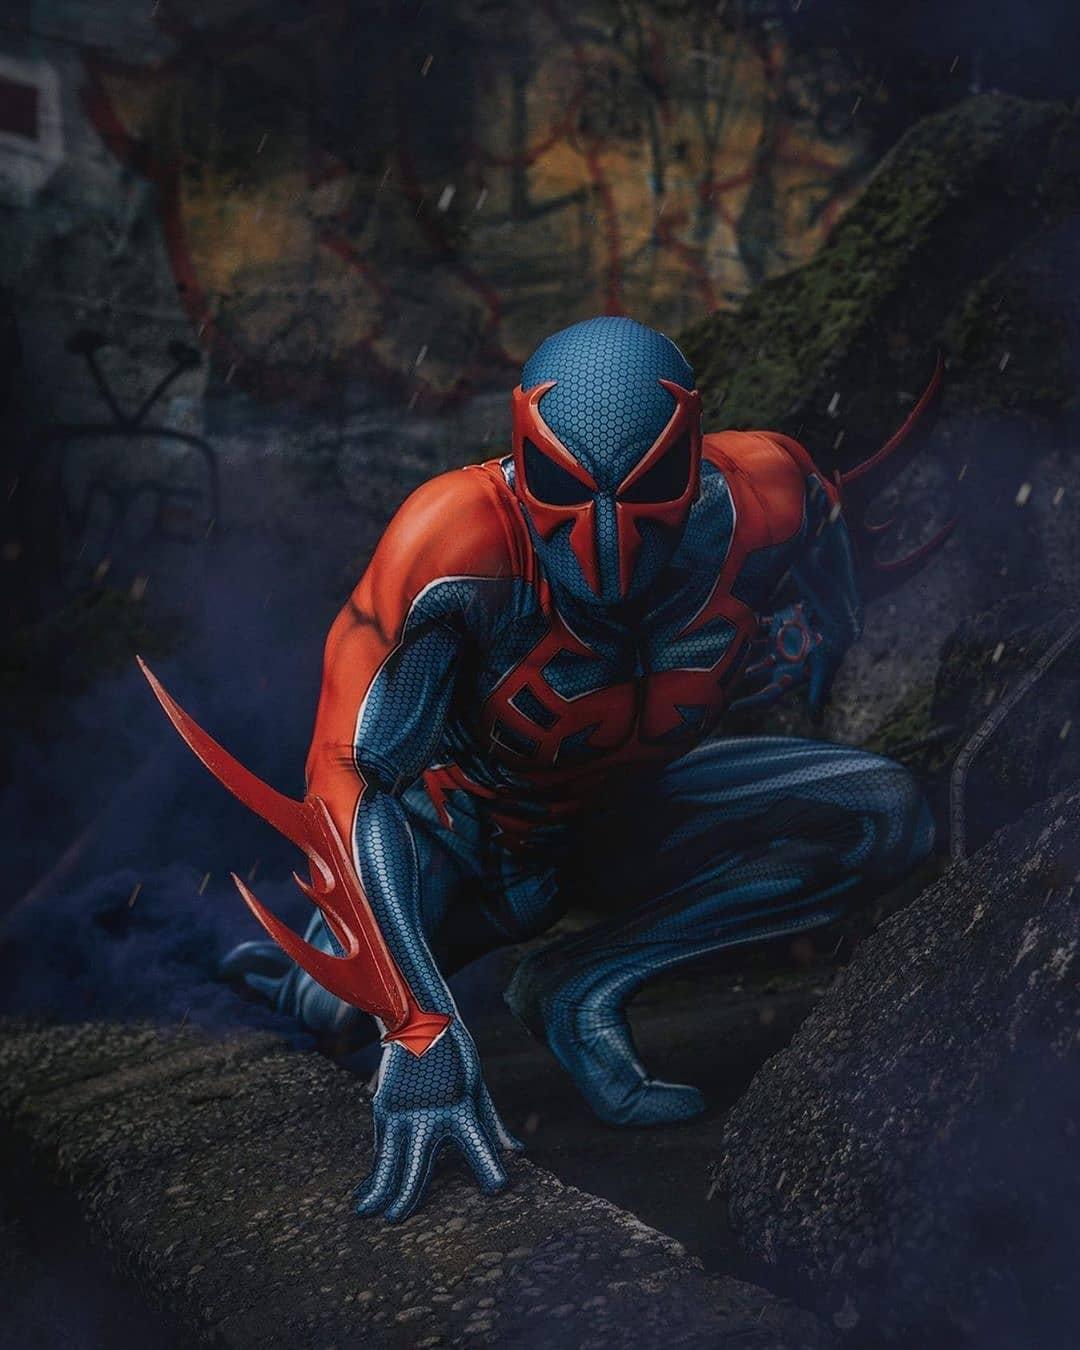 spiderman spiderman2099 cosplay hoptownspidey photo by kickassdesigns